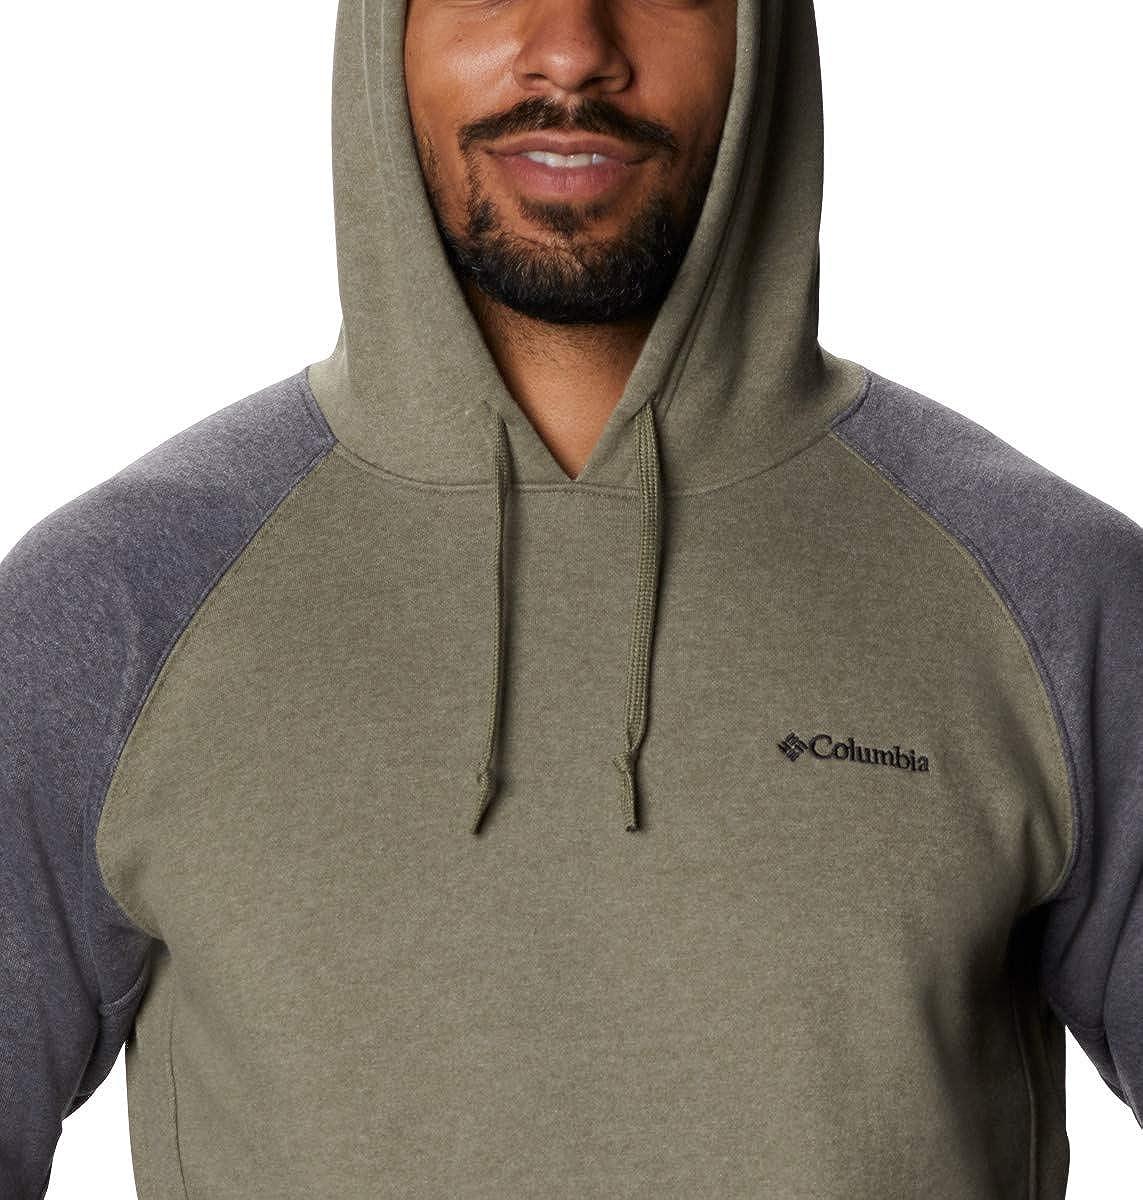 Columbia Mens Hart Mountain Ii Hoodie Hiking Shirt